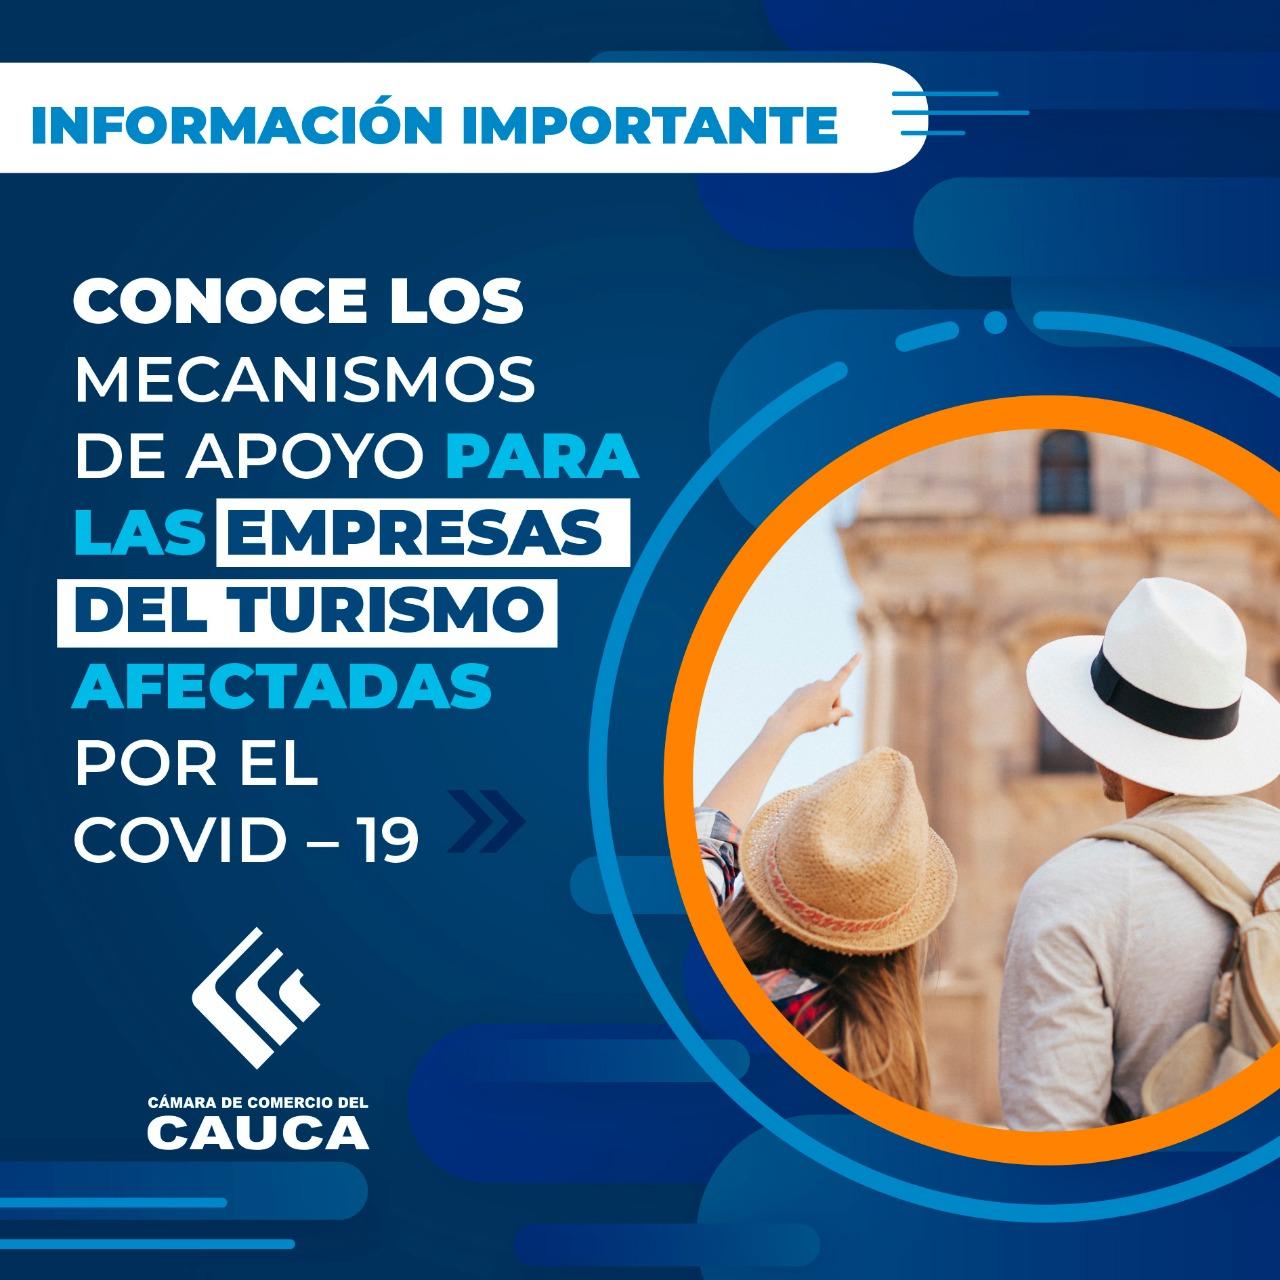 Mecanismos de apoyo para las empresas del Turismo afectadas por el Covid – 19